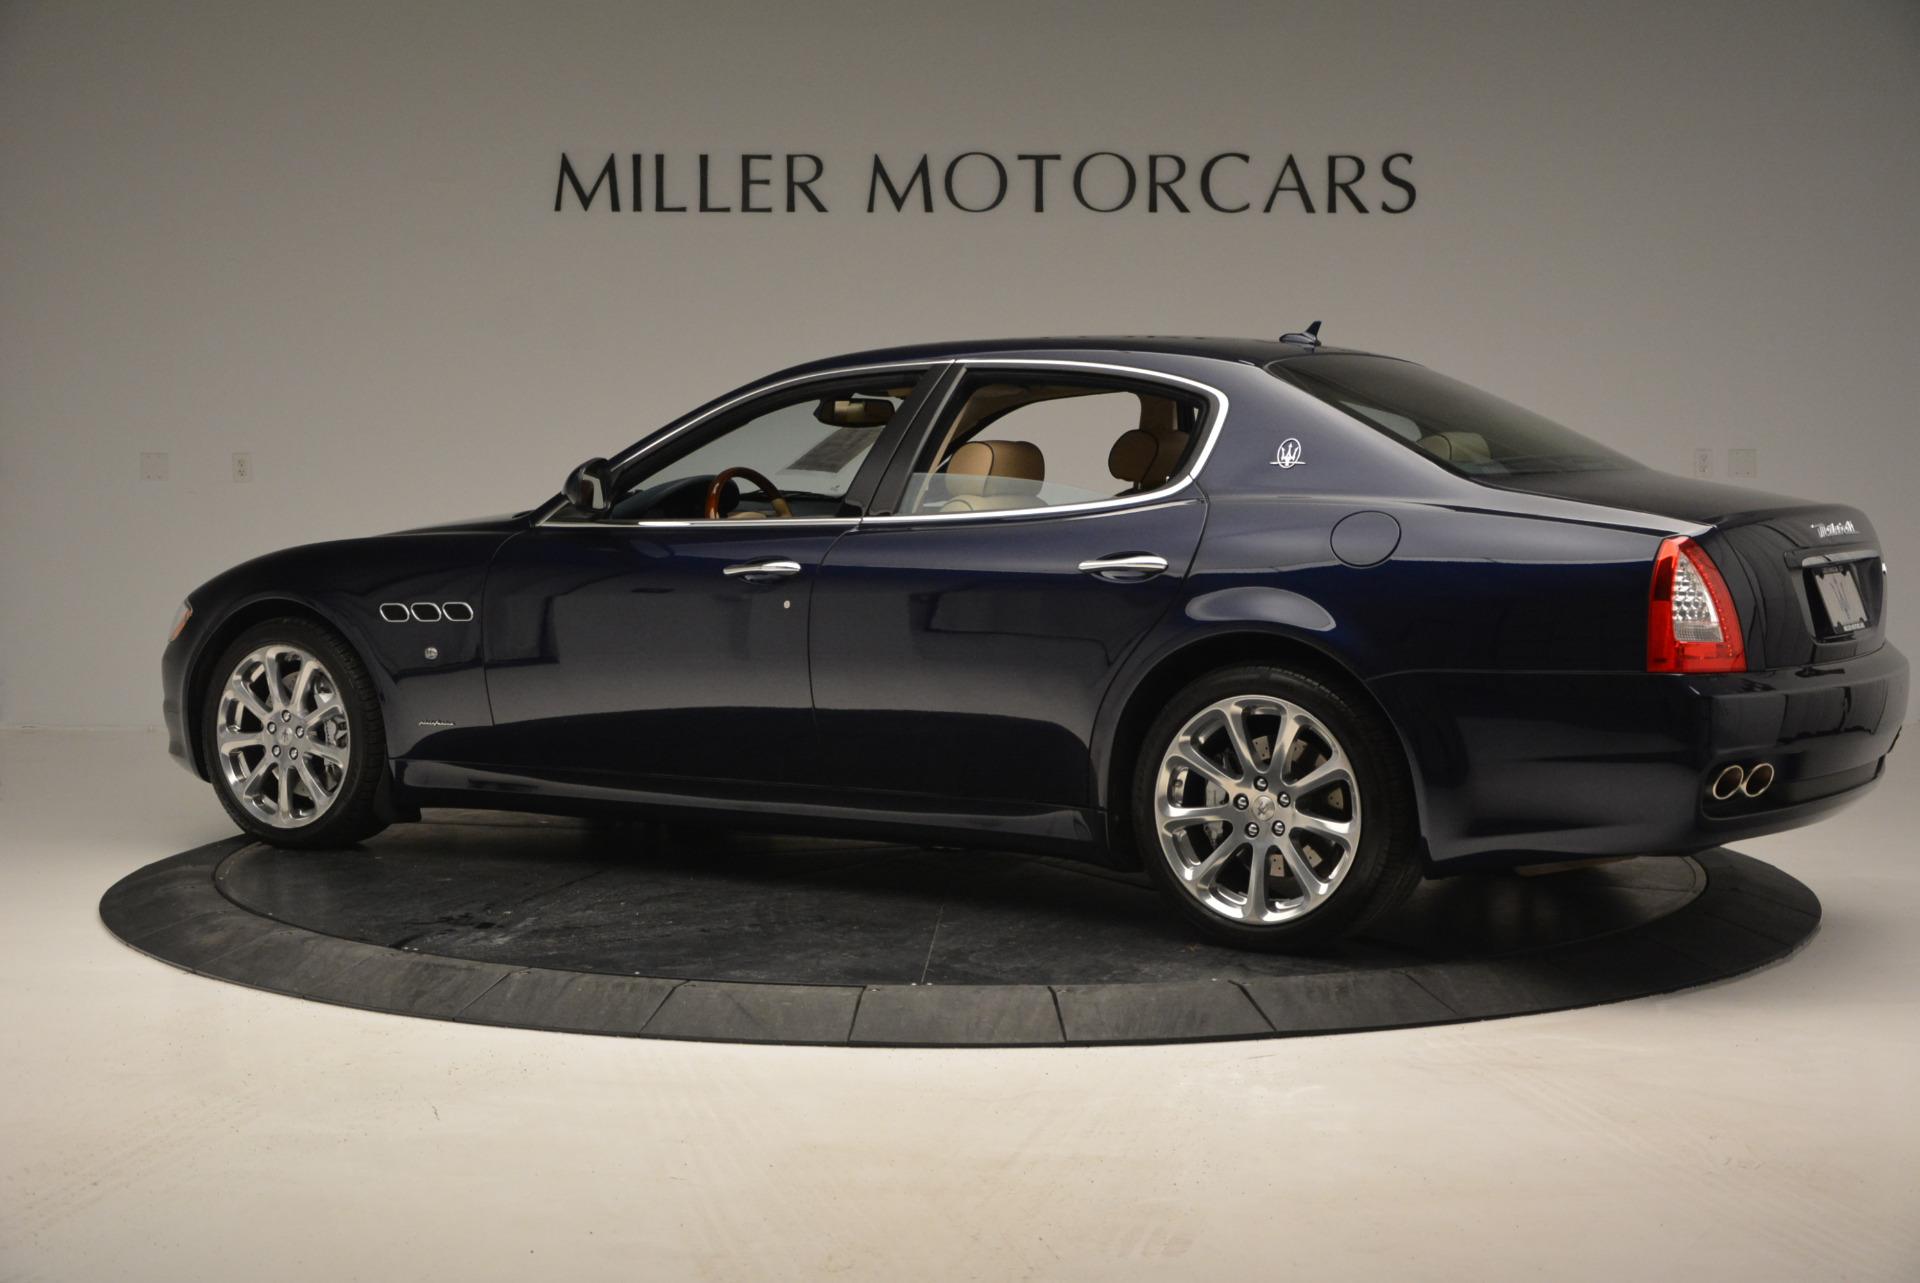 Used 2010 Maserati Quattroporte S For Sale In Greenwich, CT. Alfa Romeo of Greenwich, 1267 795_p4